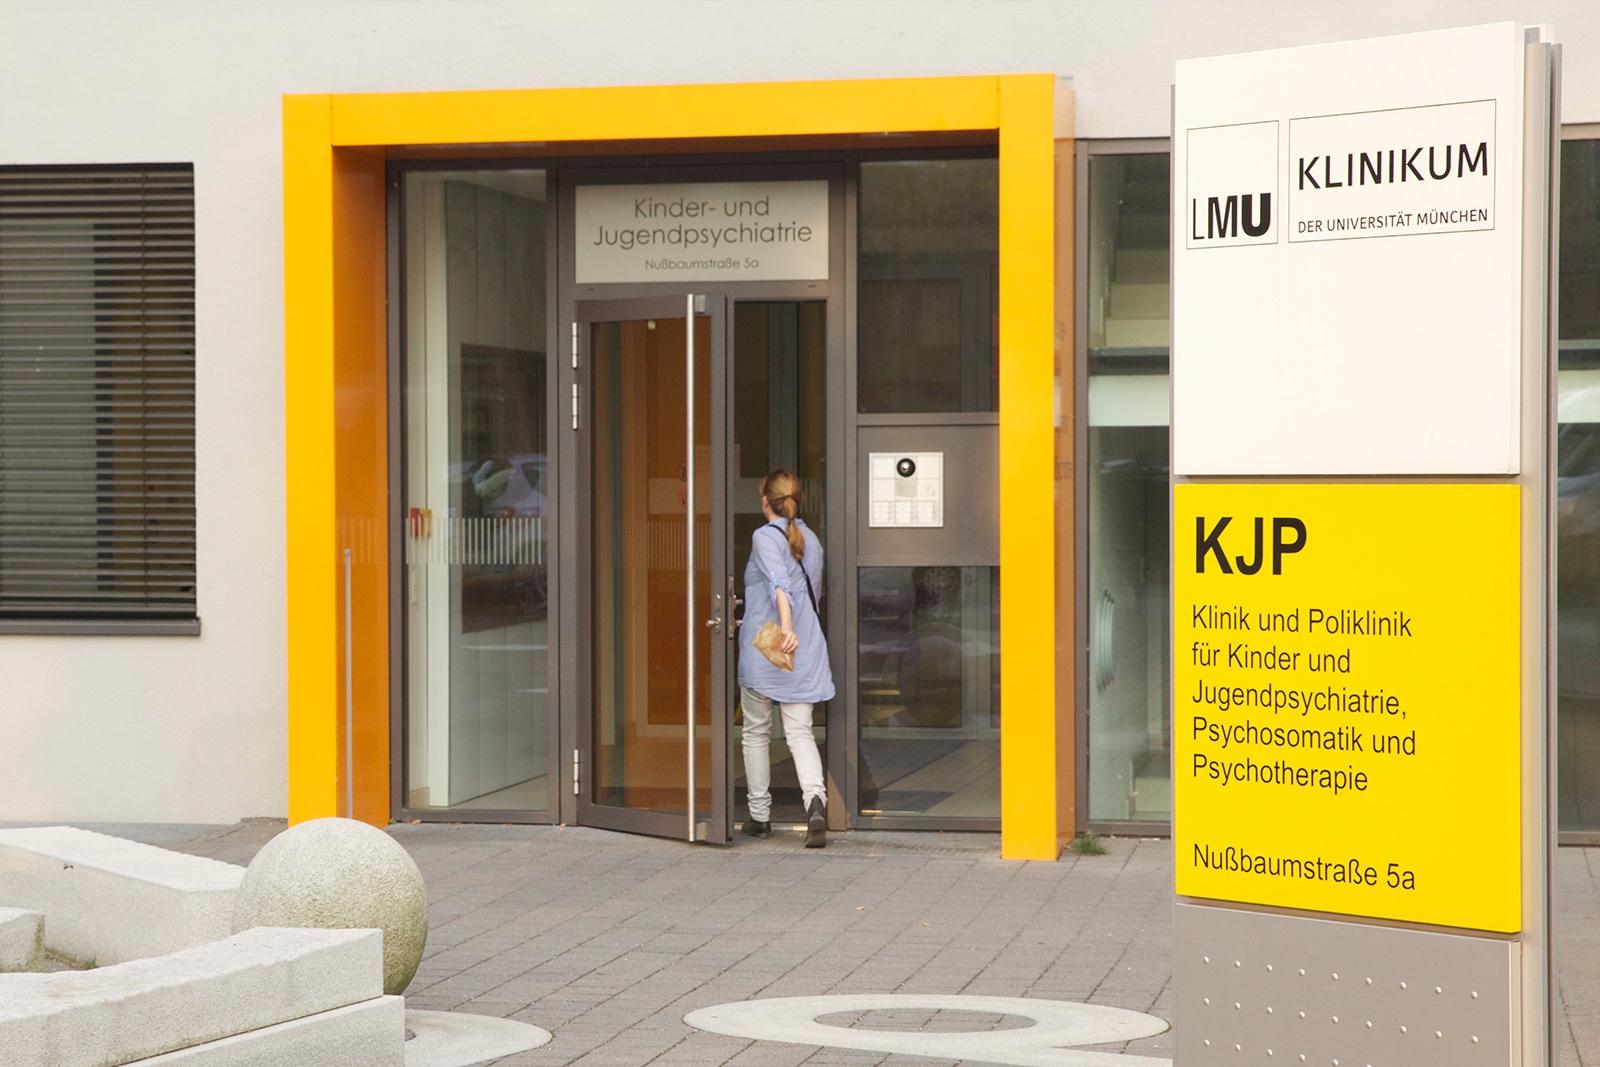 Die Klinik und Poliklinik für Kinder- und Jugendpsychiatrie, Psychosomatik und Psychotherapie der Universität München